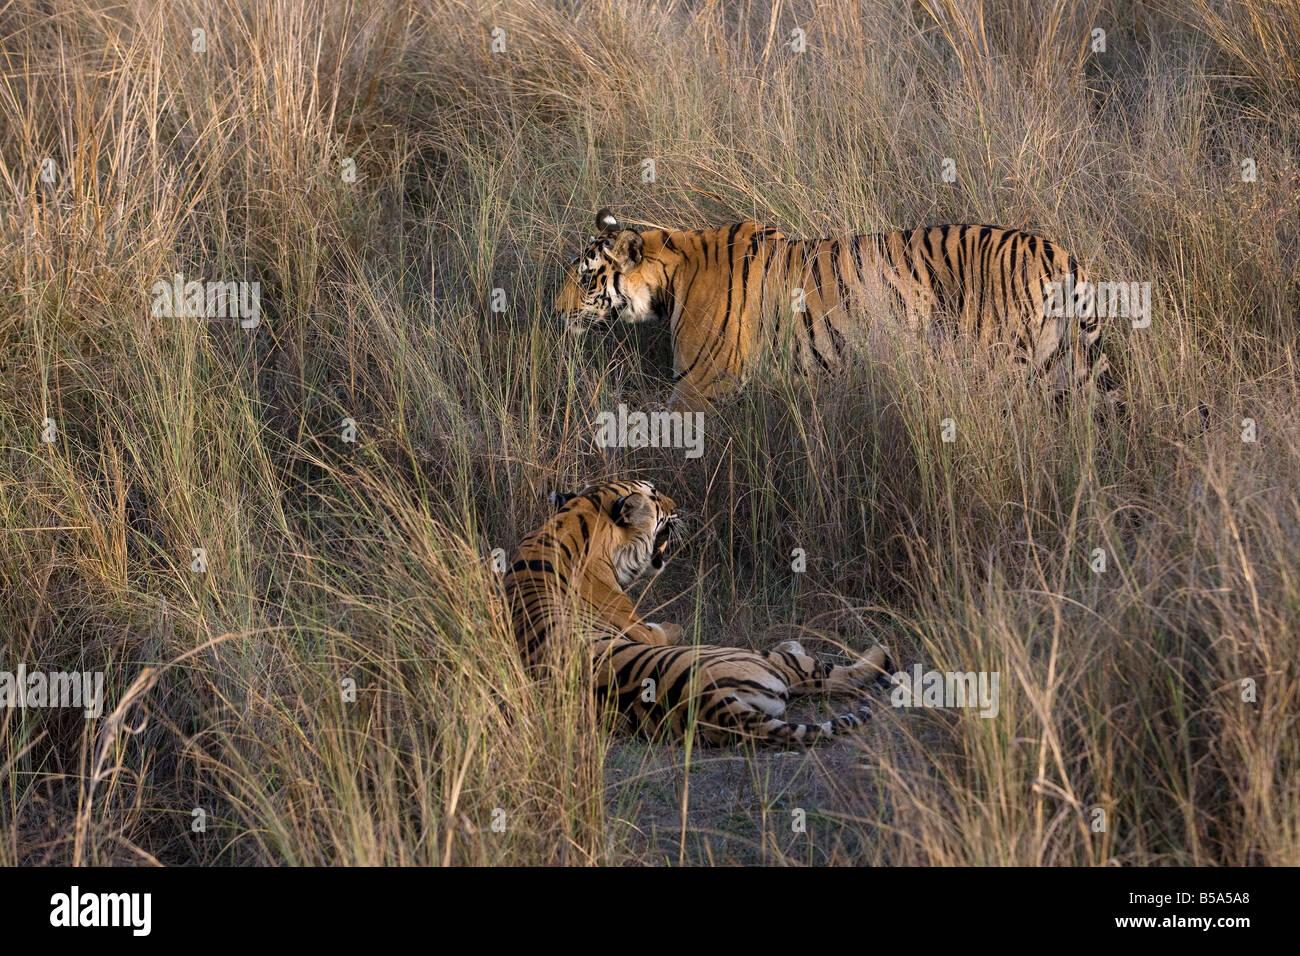 Indian Tiger (Bengal tiger) (Panthera tigris tigris) yawning, Bandhavgarh National Park, Madhya Pradesh state, India - Stock Image